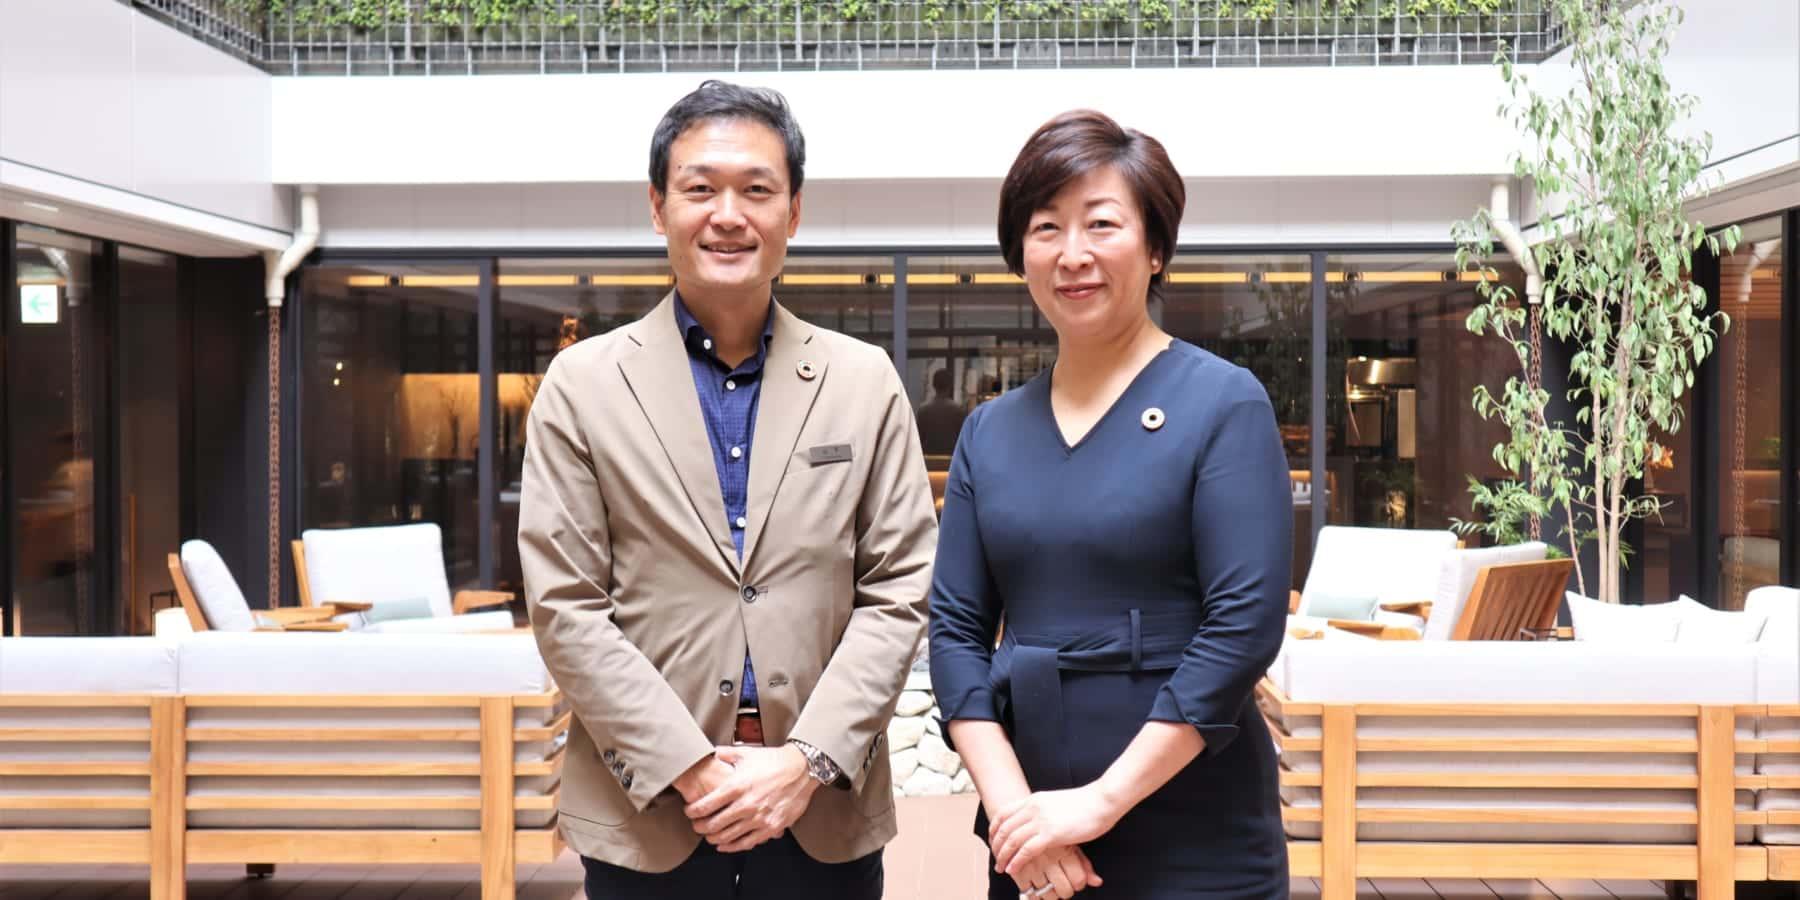 京阪グループが展開する京都のサステナブルなホテル「GOOD NATURE STATION」